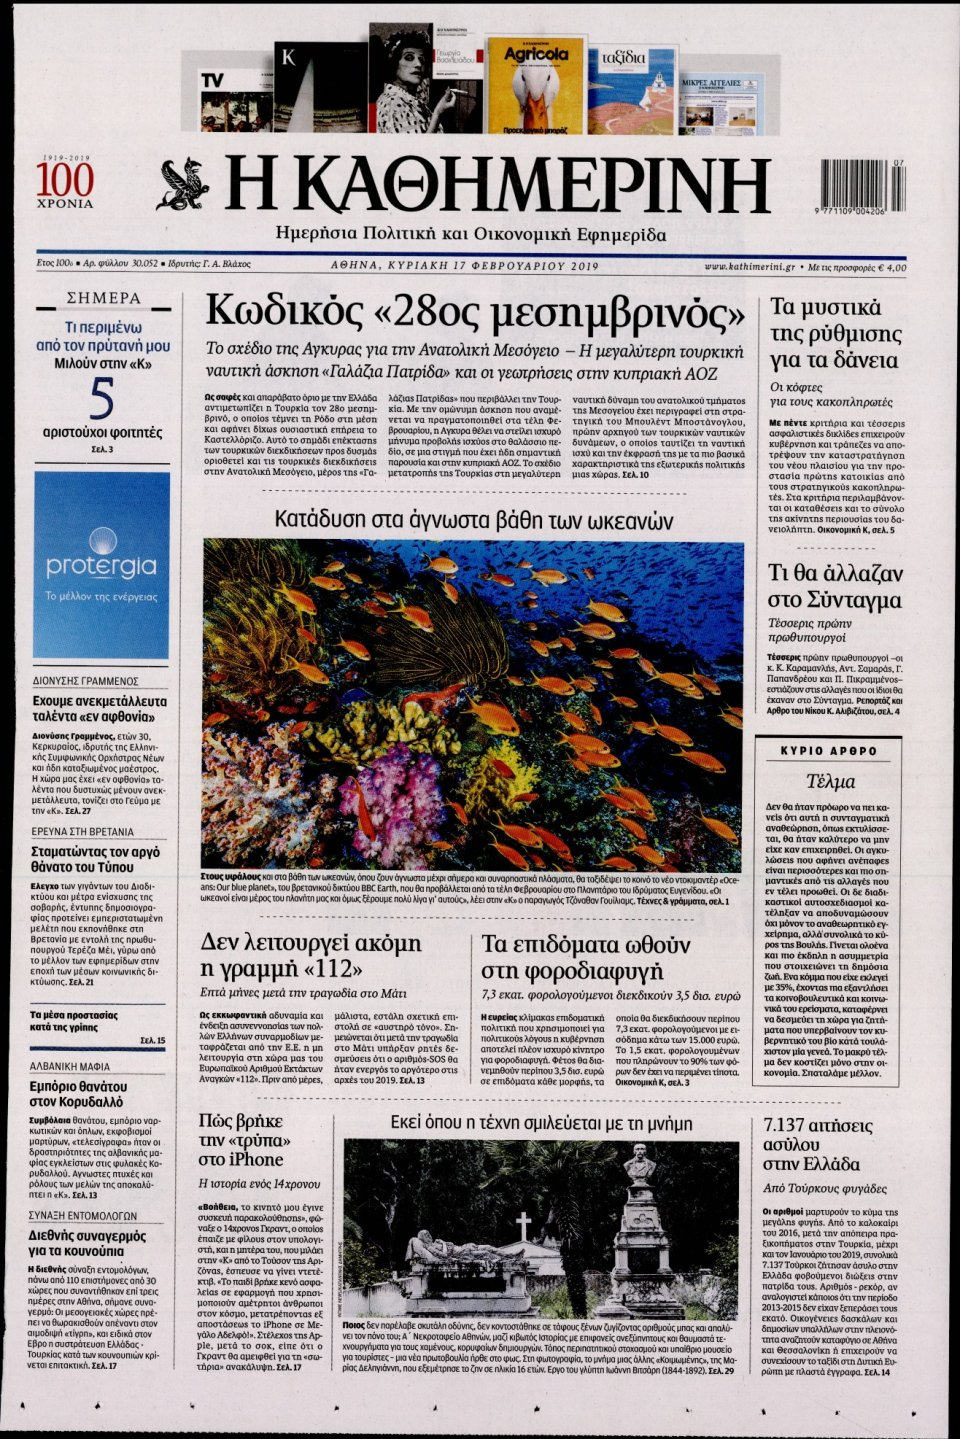 Πρωτοσέλιδο Εφημερίδας - Καθημερινή - 2019-02-17